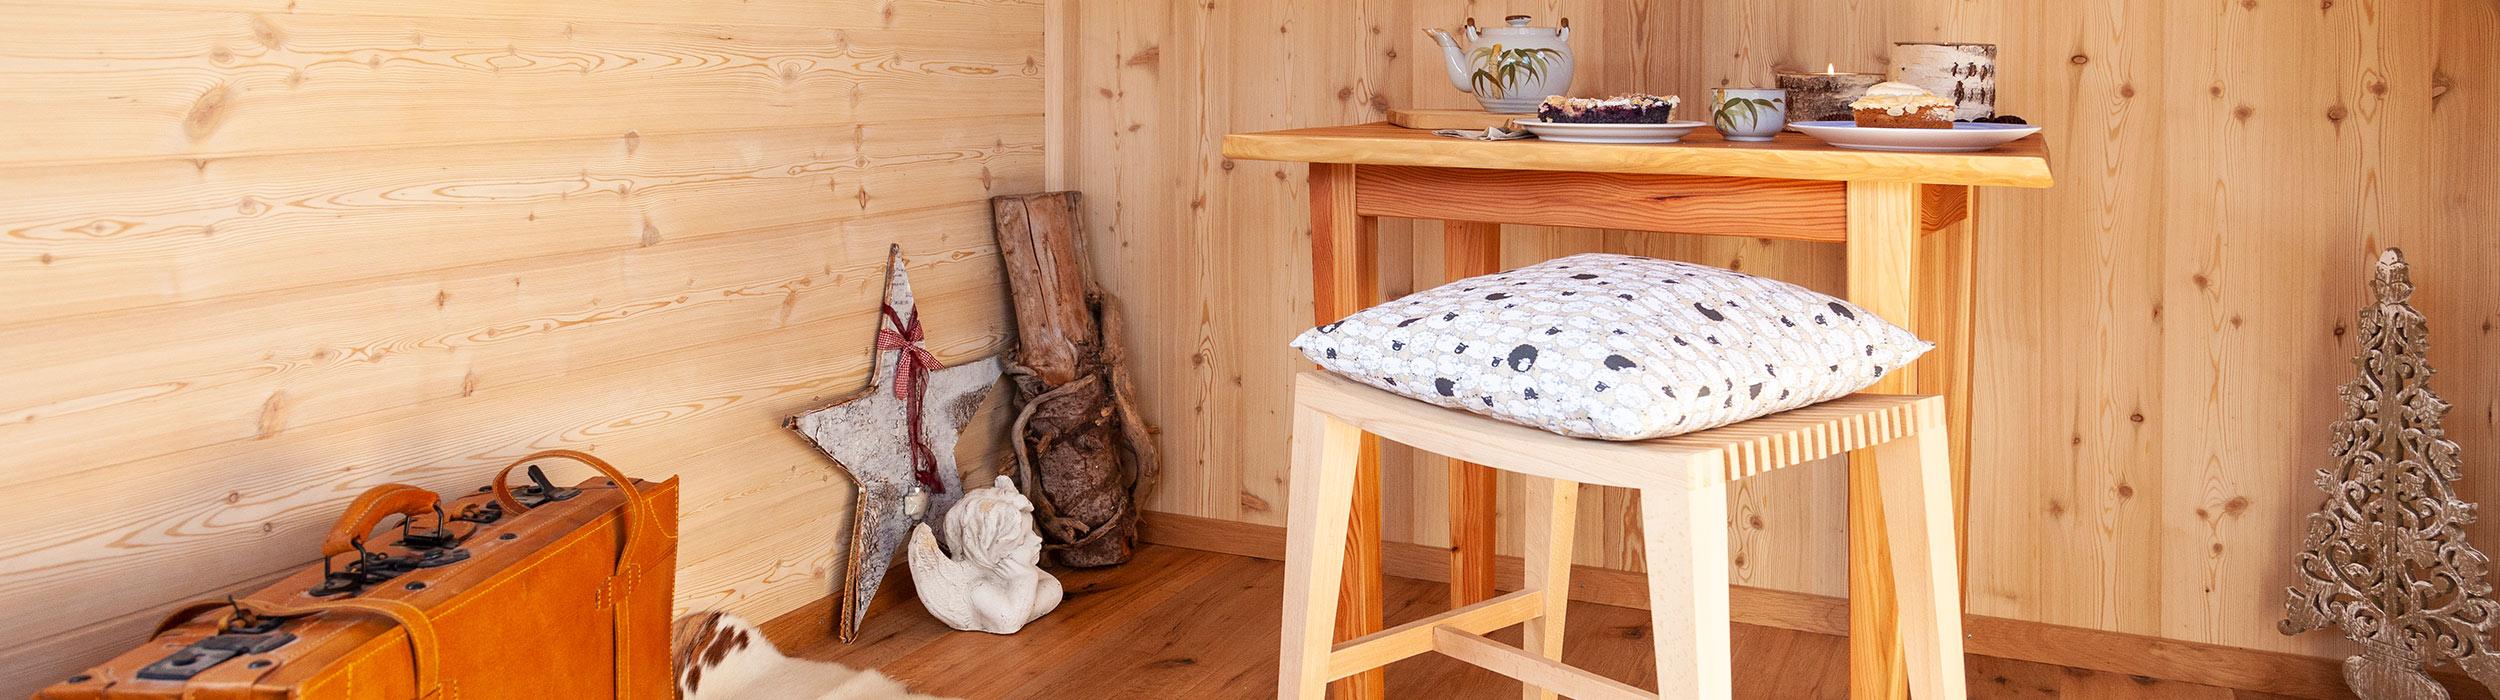 Innenraum mit Möbel und Dekoration